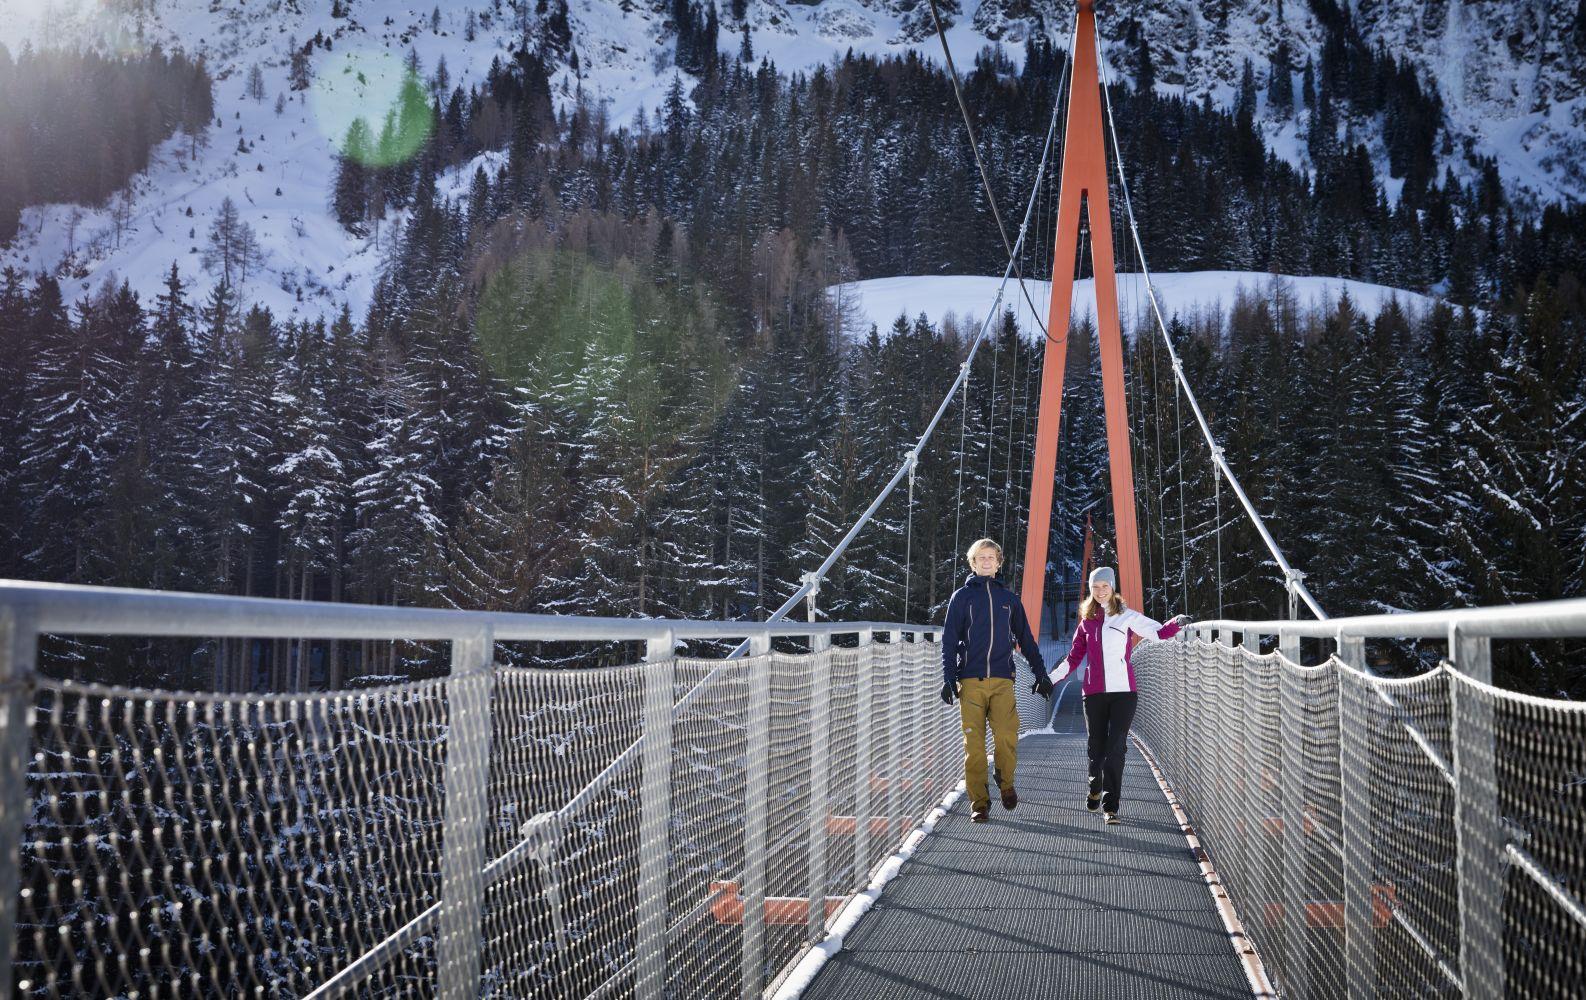 Golden Gate der Alpen & Baumzipfelweg